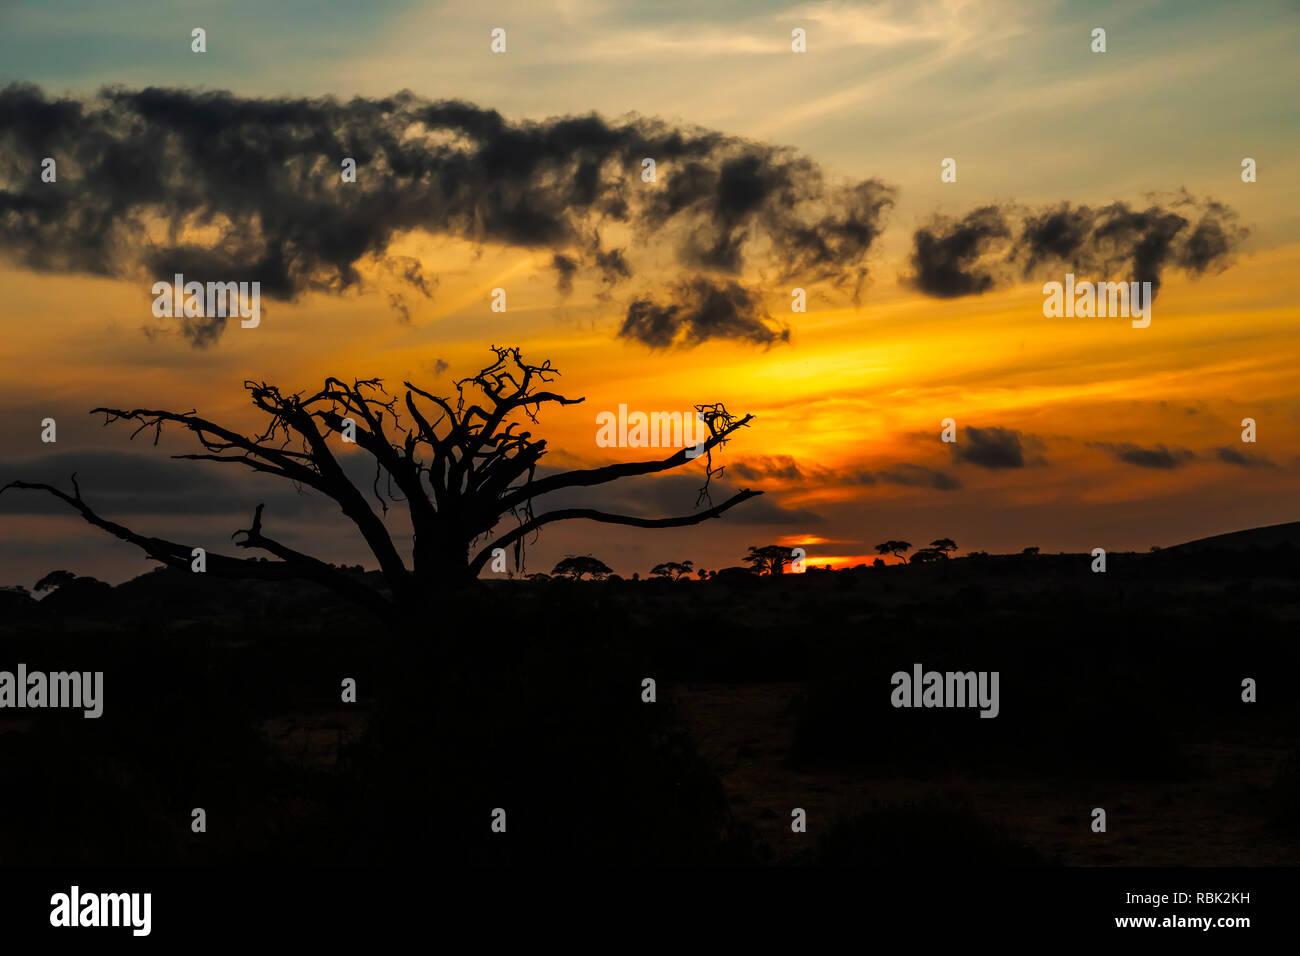 Sunrise over Amboseli National Park, Kenya - Stock Image